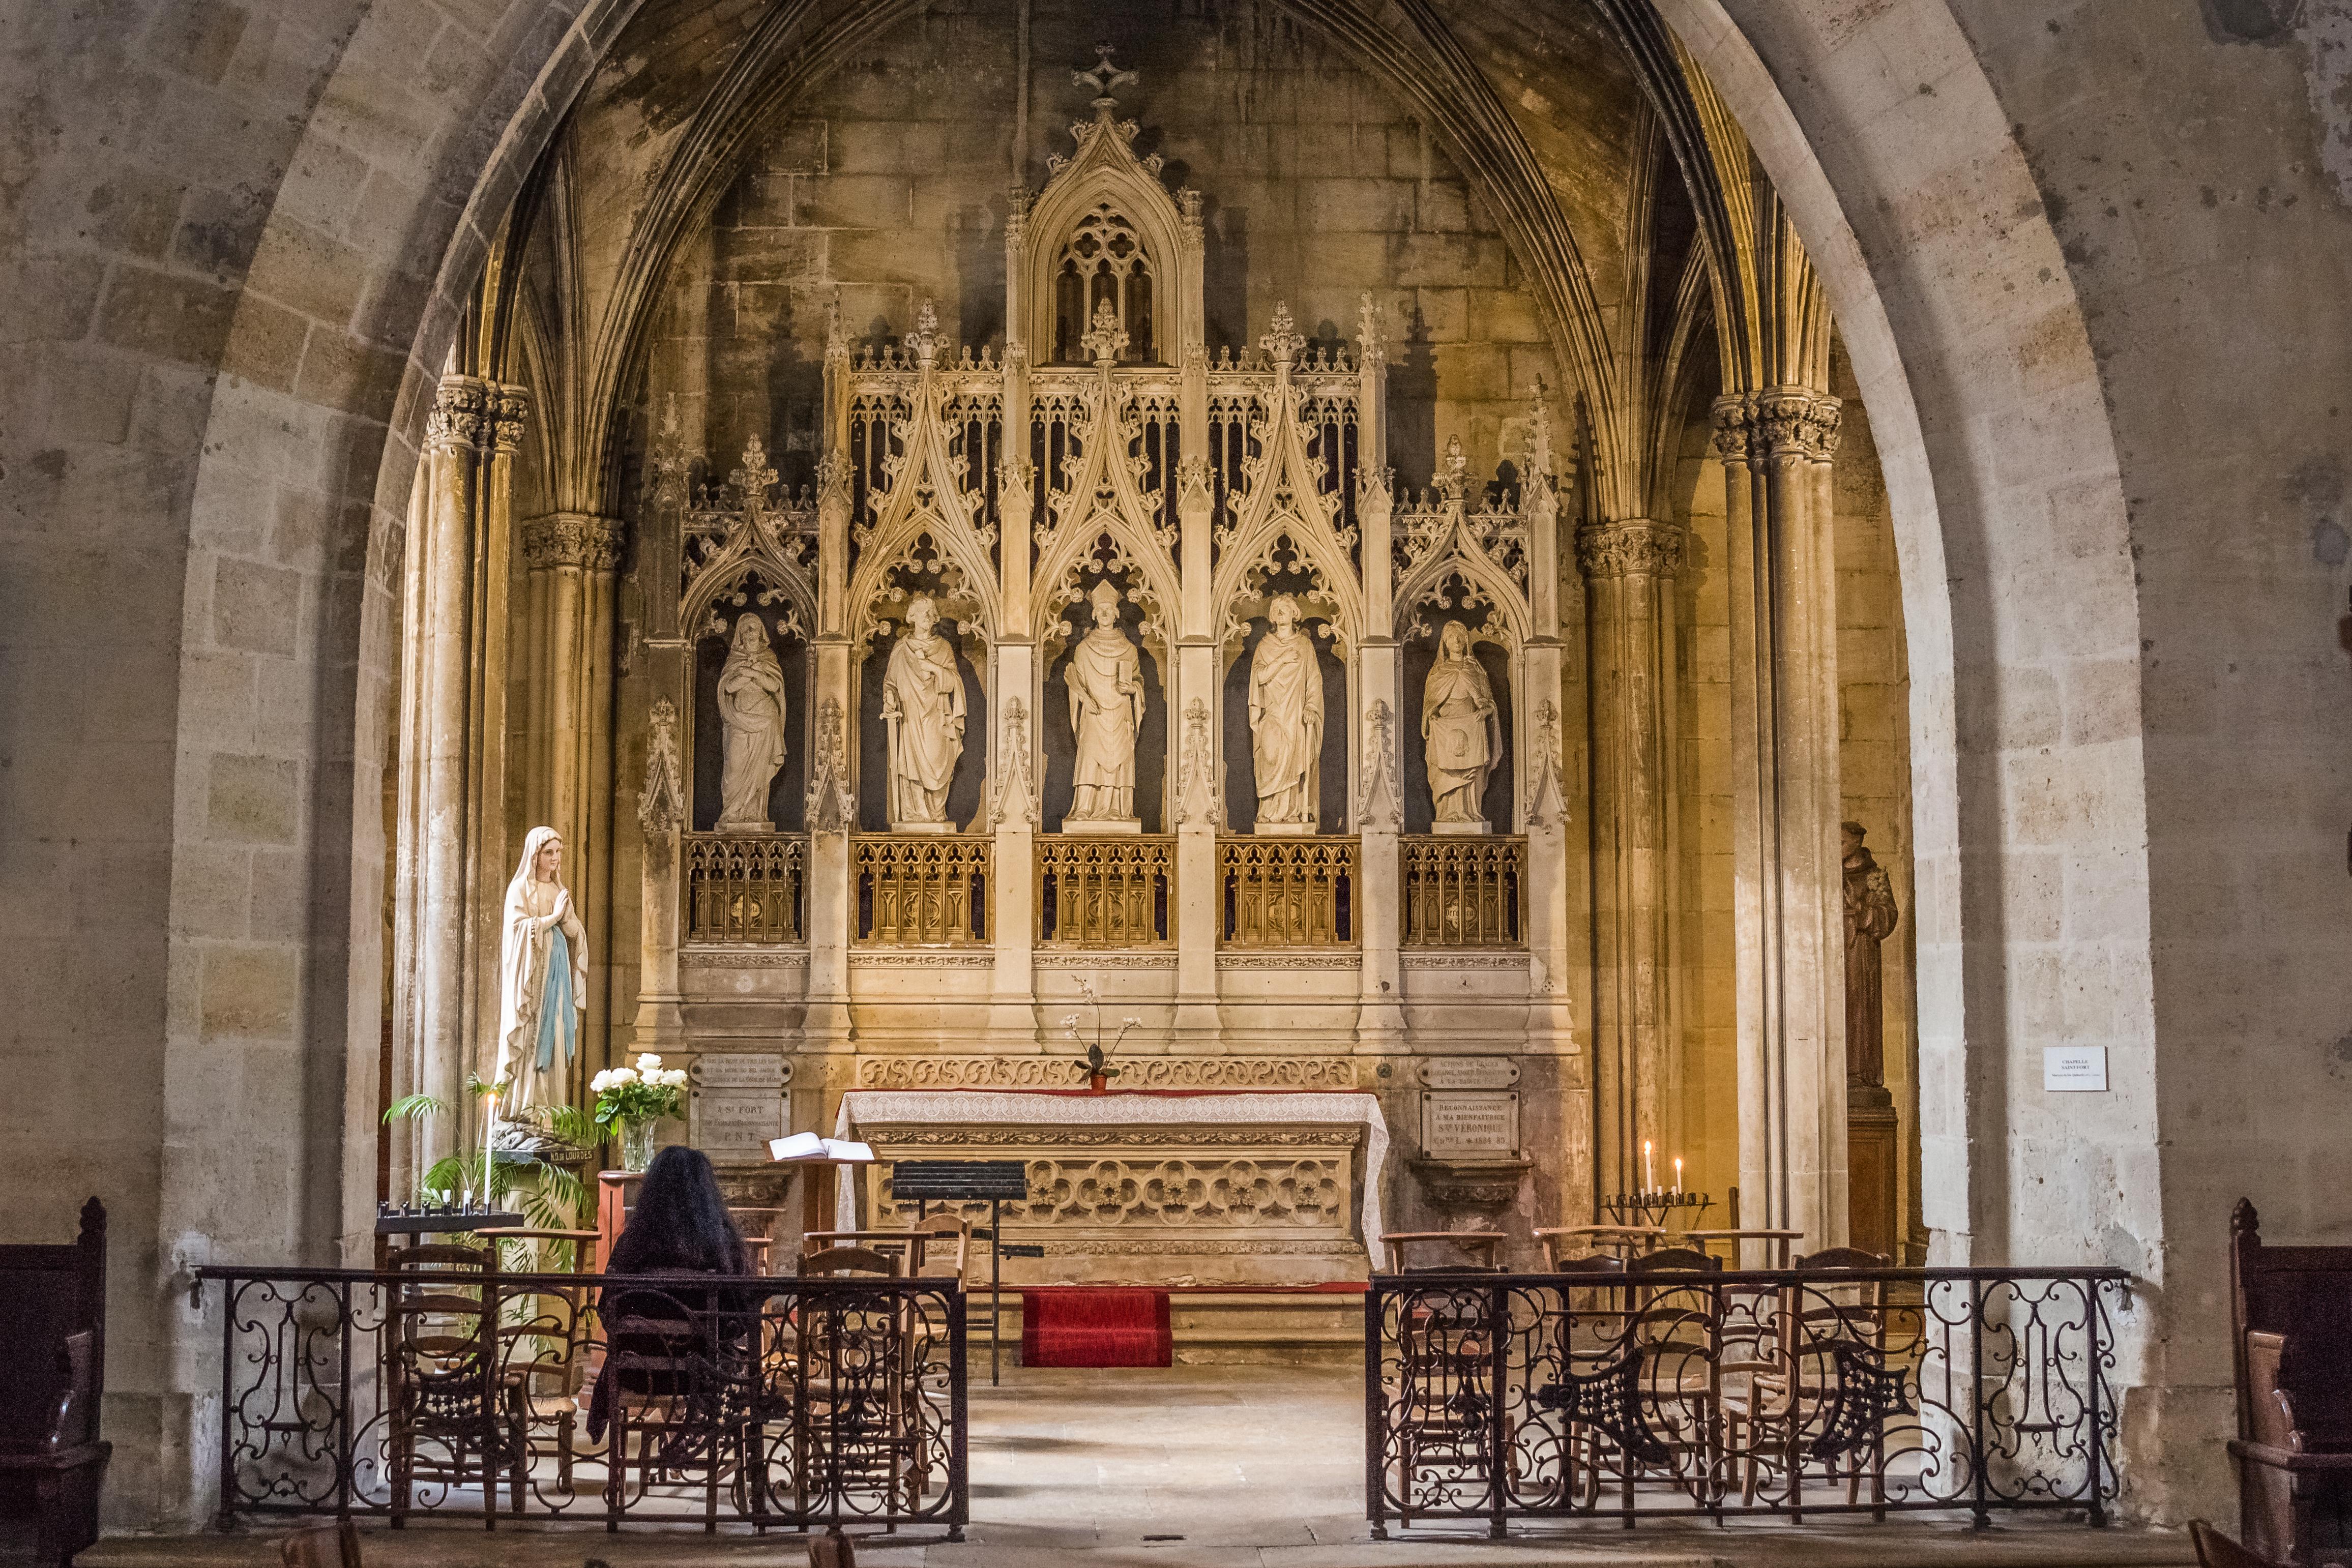 CONSIGNES PASTORALES RE CONFINEMENT: communion eucharistique et confessions possibles  SAINT-SEURIN-BORDEAUX-FRANCE-shutterstock_1009047898